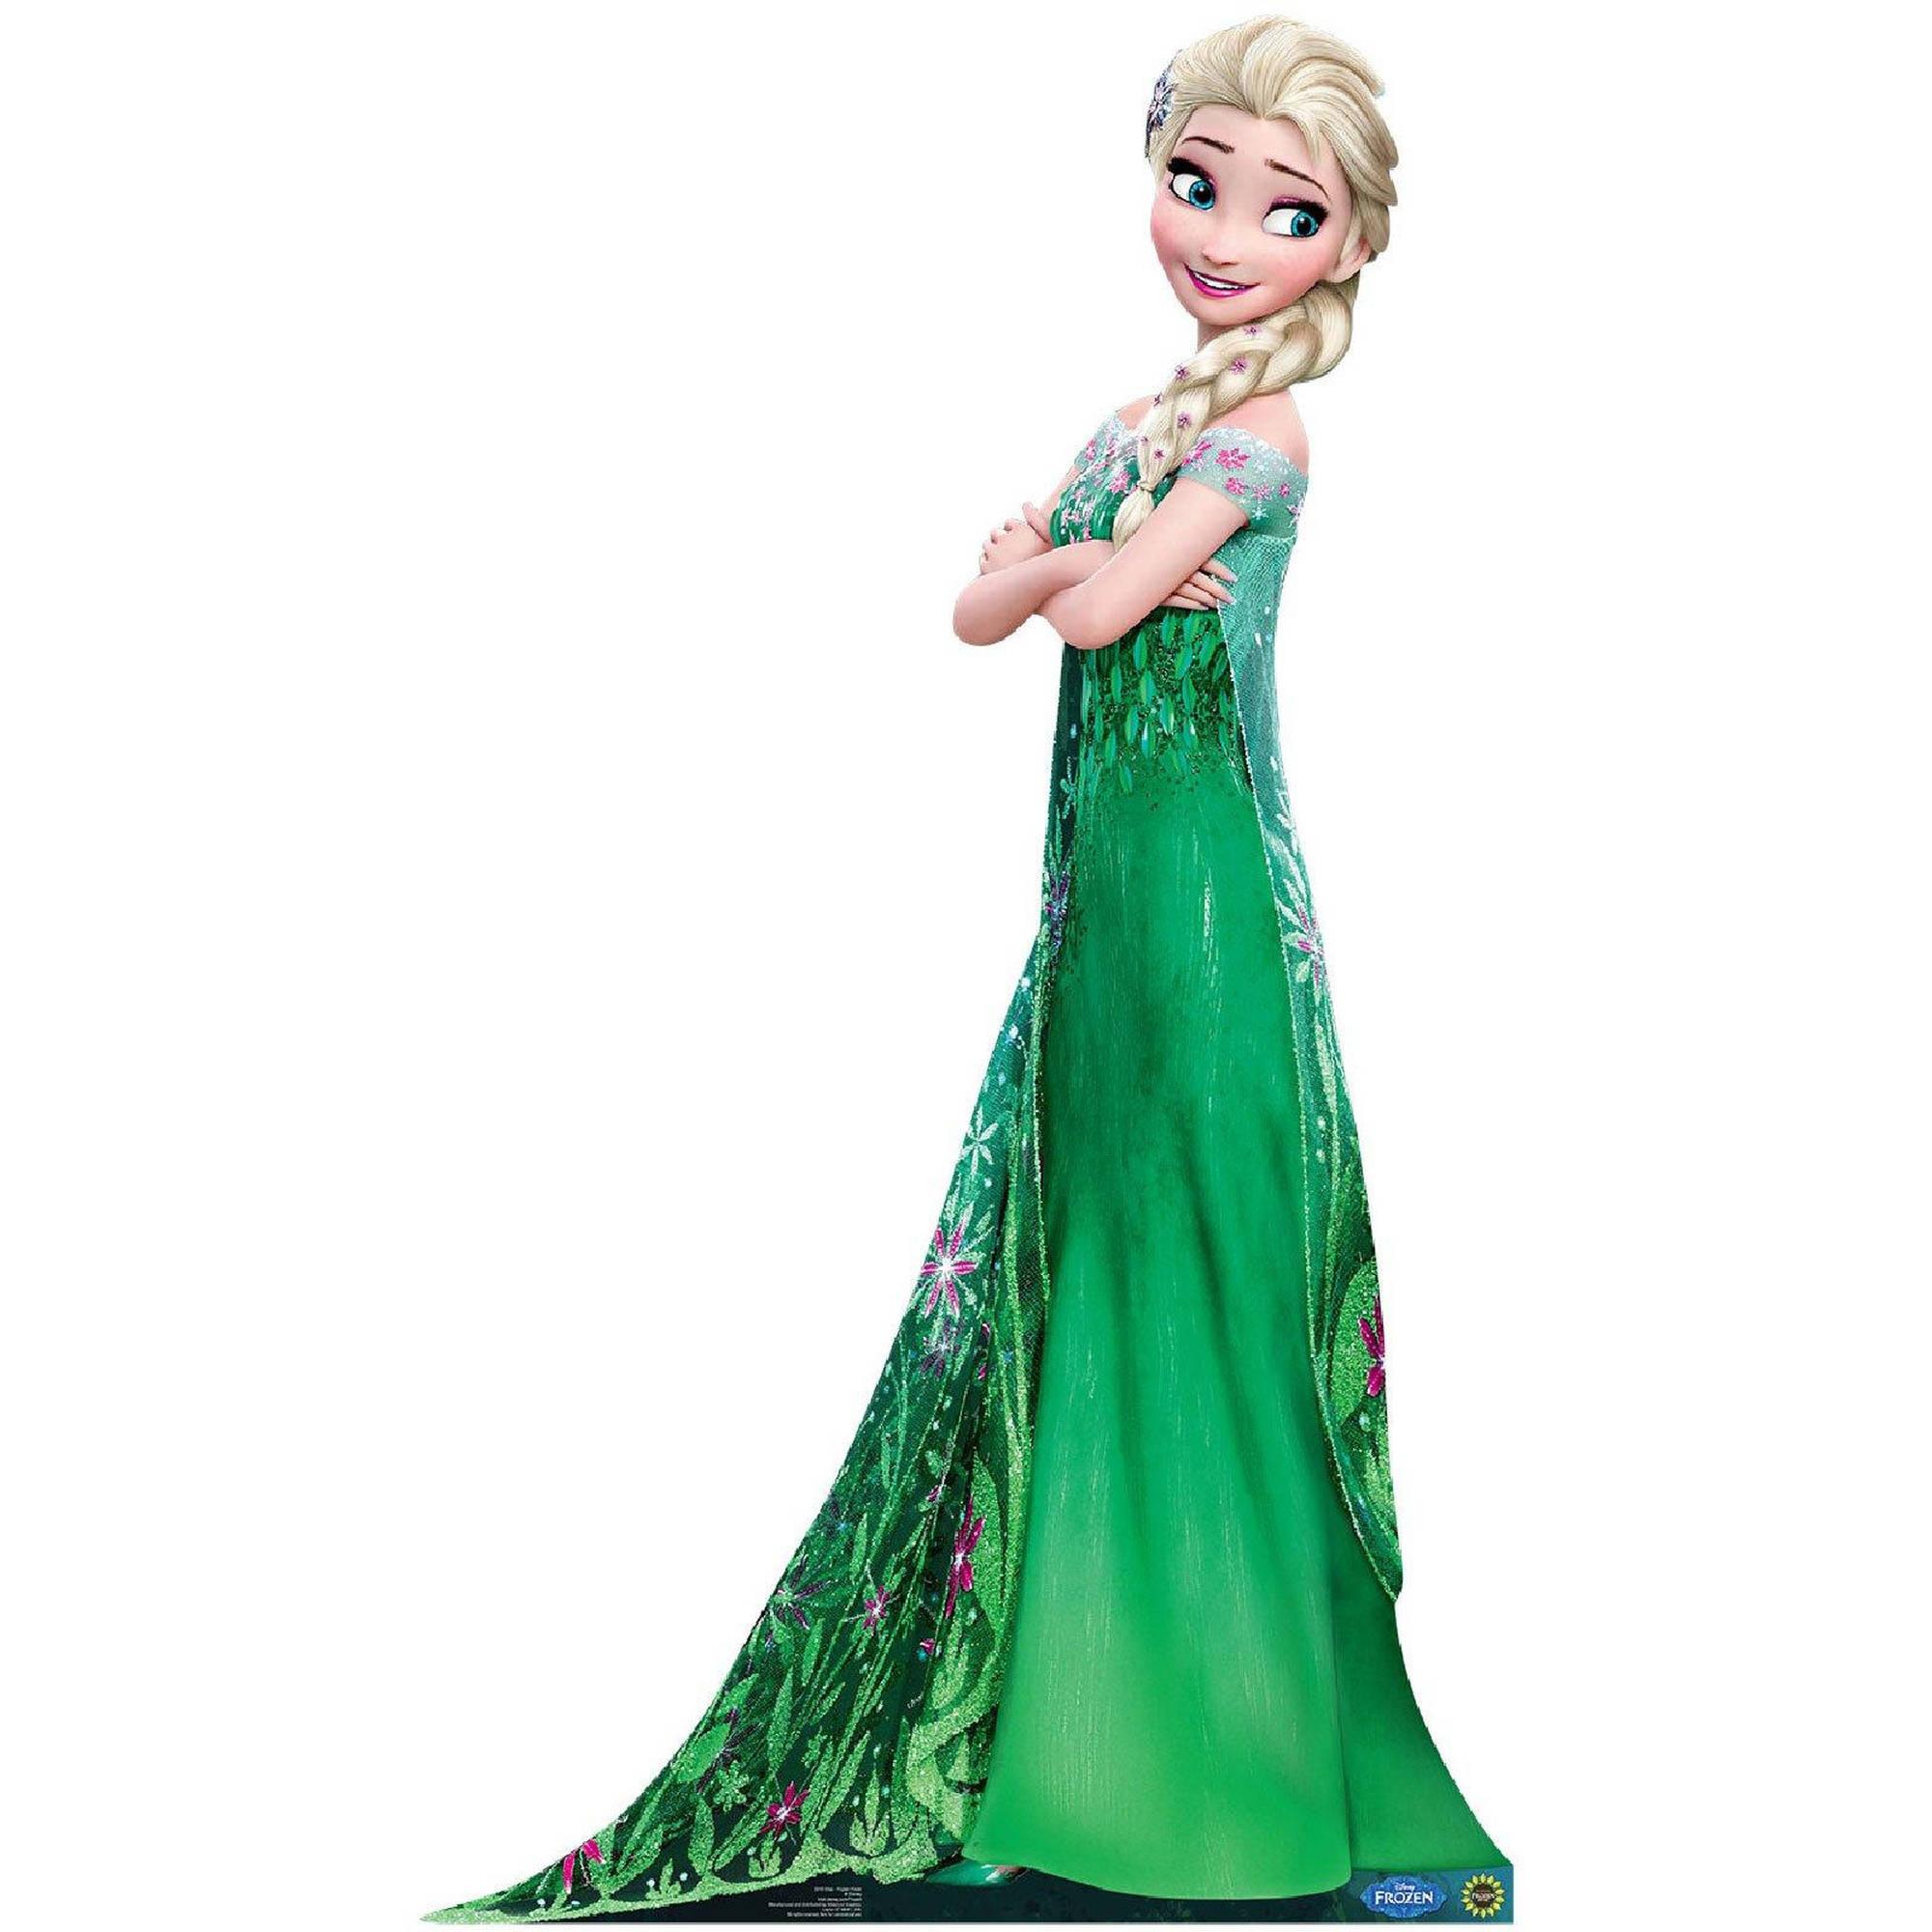 Disney Frozen Fever Elsa Standup, 6' Tall